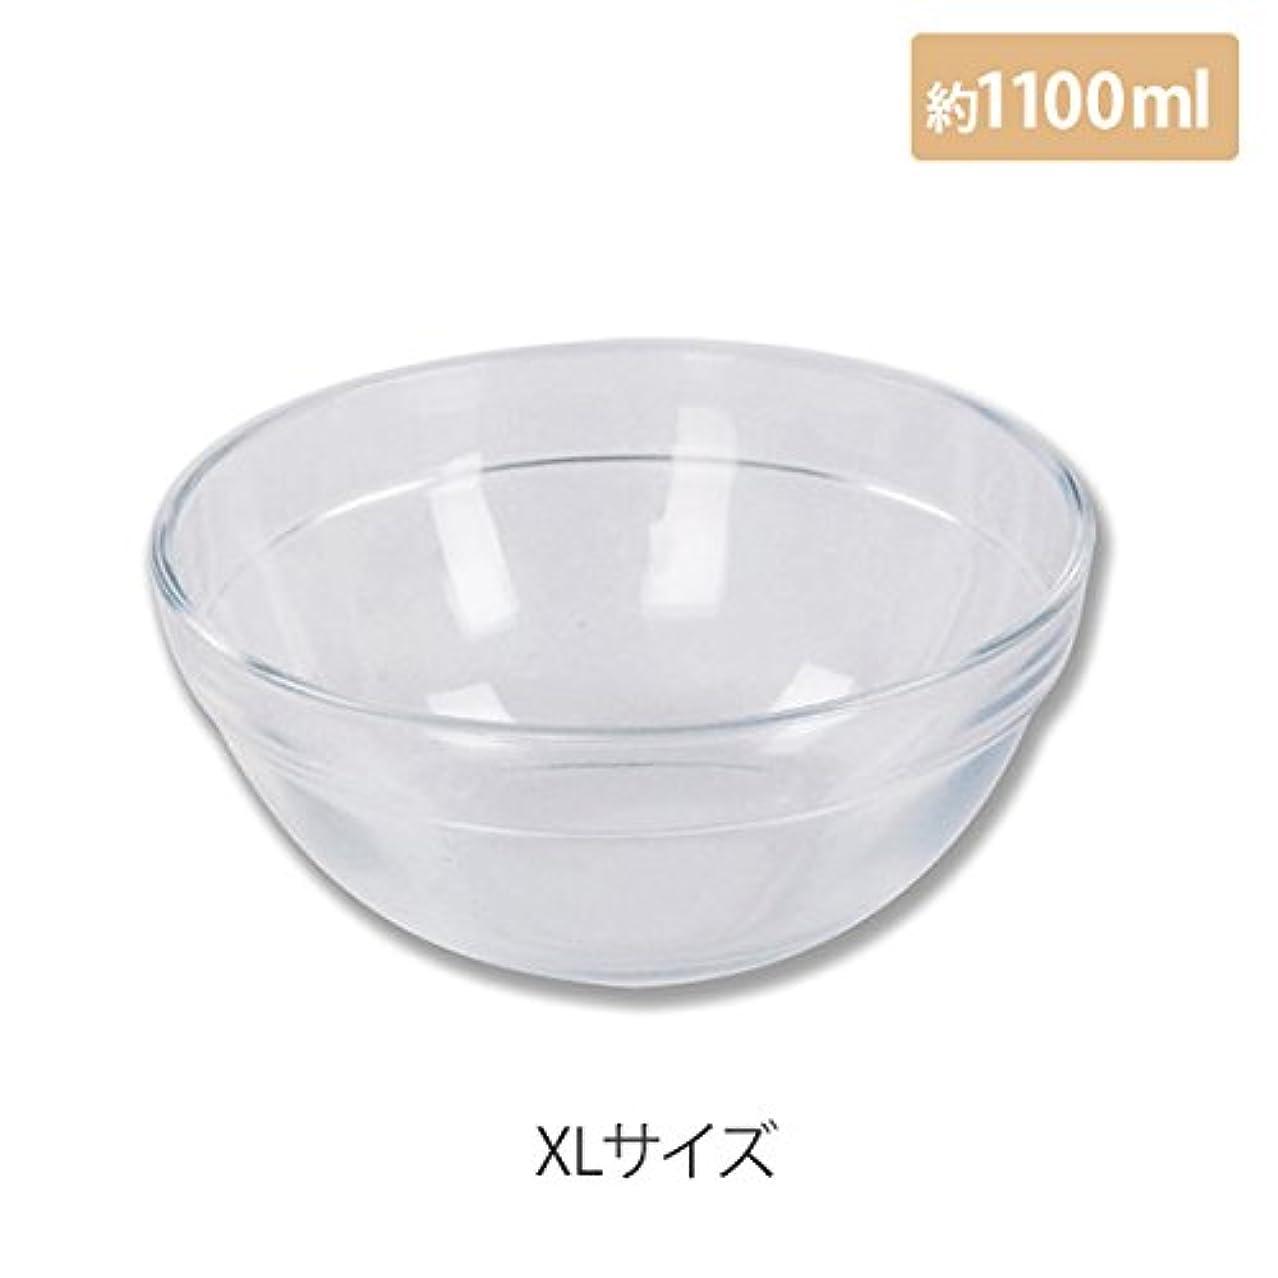 コンセンサスフェリーメンテナンスマイスター プラスティックボウル (XLサイズ) クリア 直径20cm [ プラスチックボール カップボウル カップボール エステ サロン プラスチック ボウル カップ 割れない ]